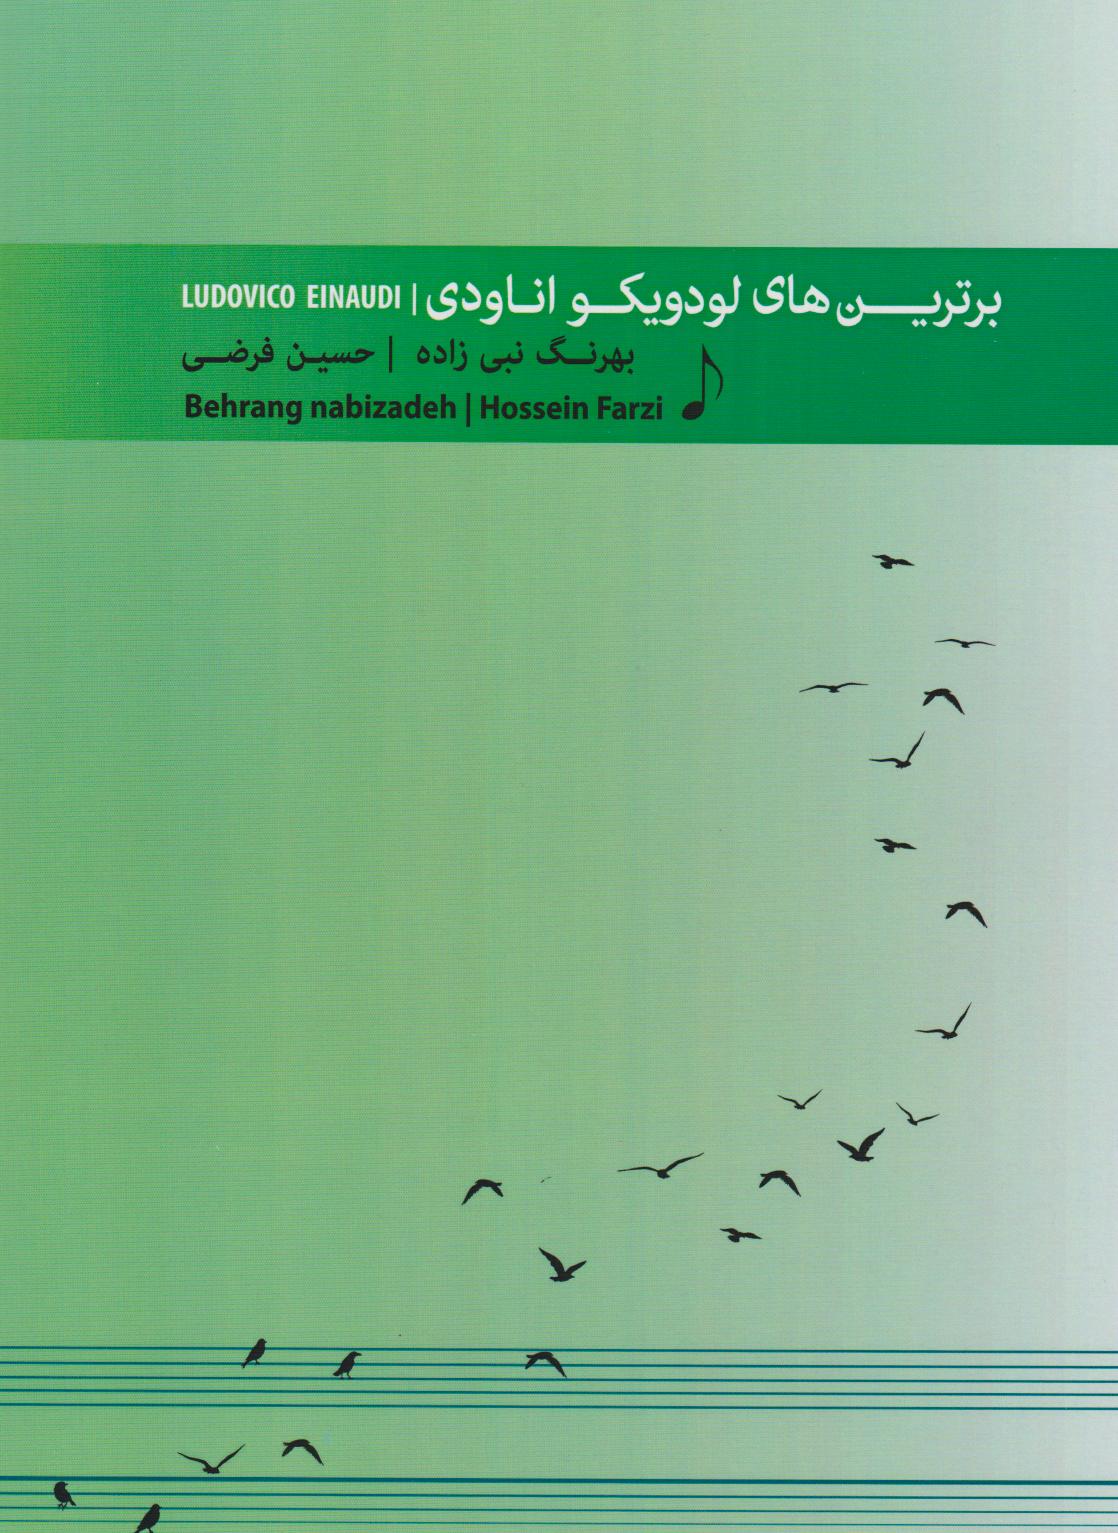 کتاب برترینهای لودویکو اناودی بهرنگ نبیزاده حسین فرضی انتشارات مولف